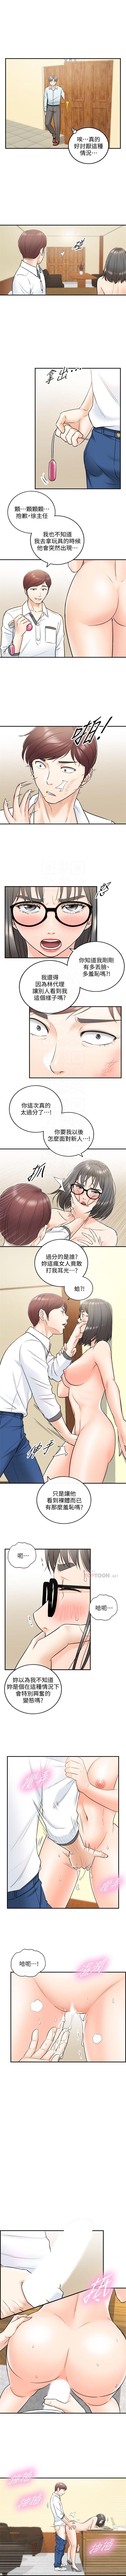 (週5)正妹小主管 1-39 中文翻譯(更新中) 99